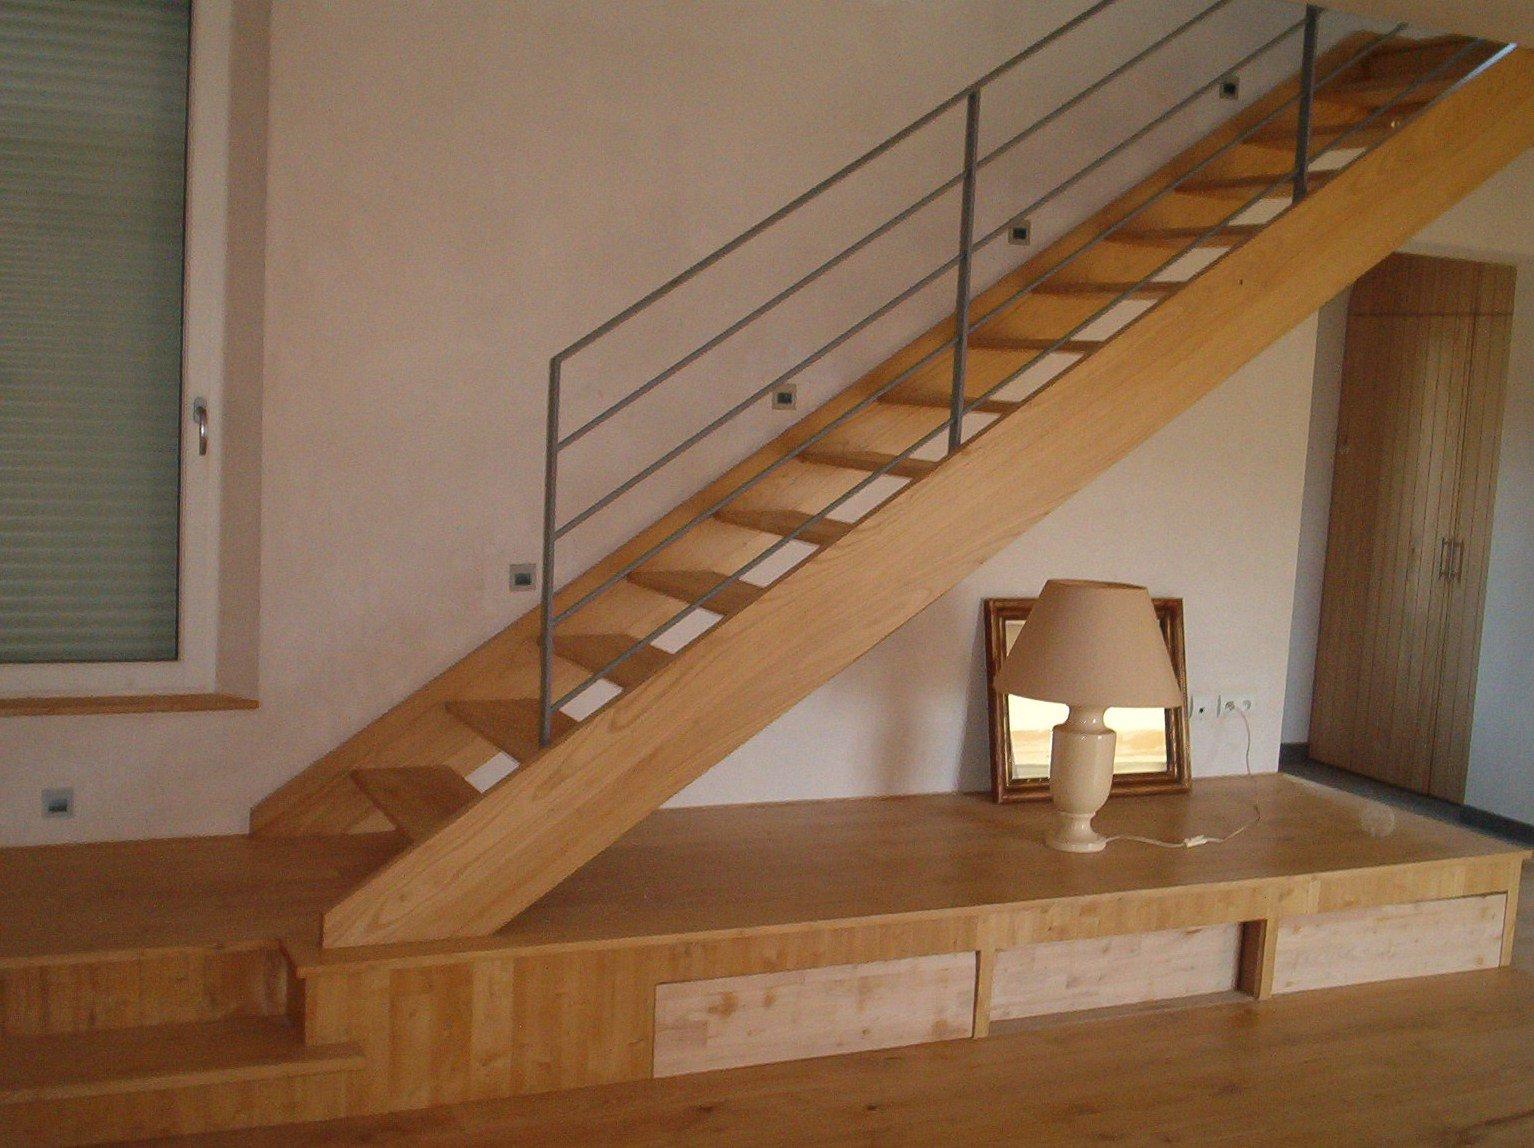 Escalier chataignier